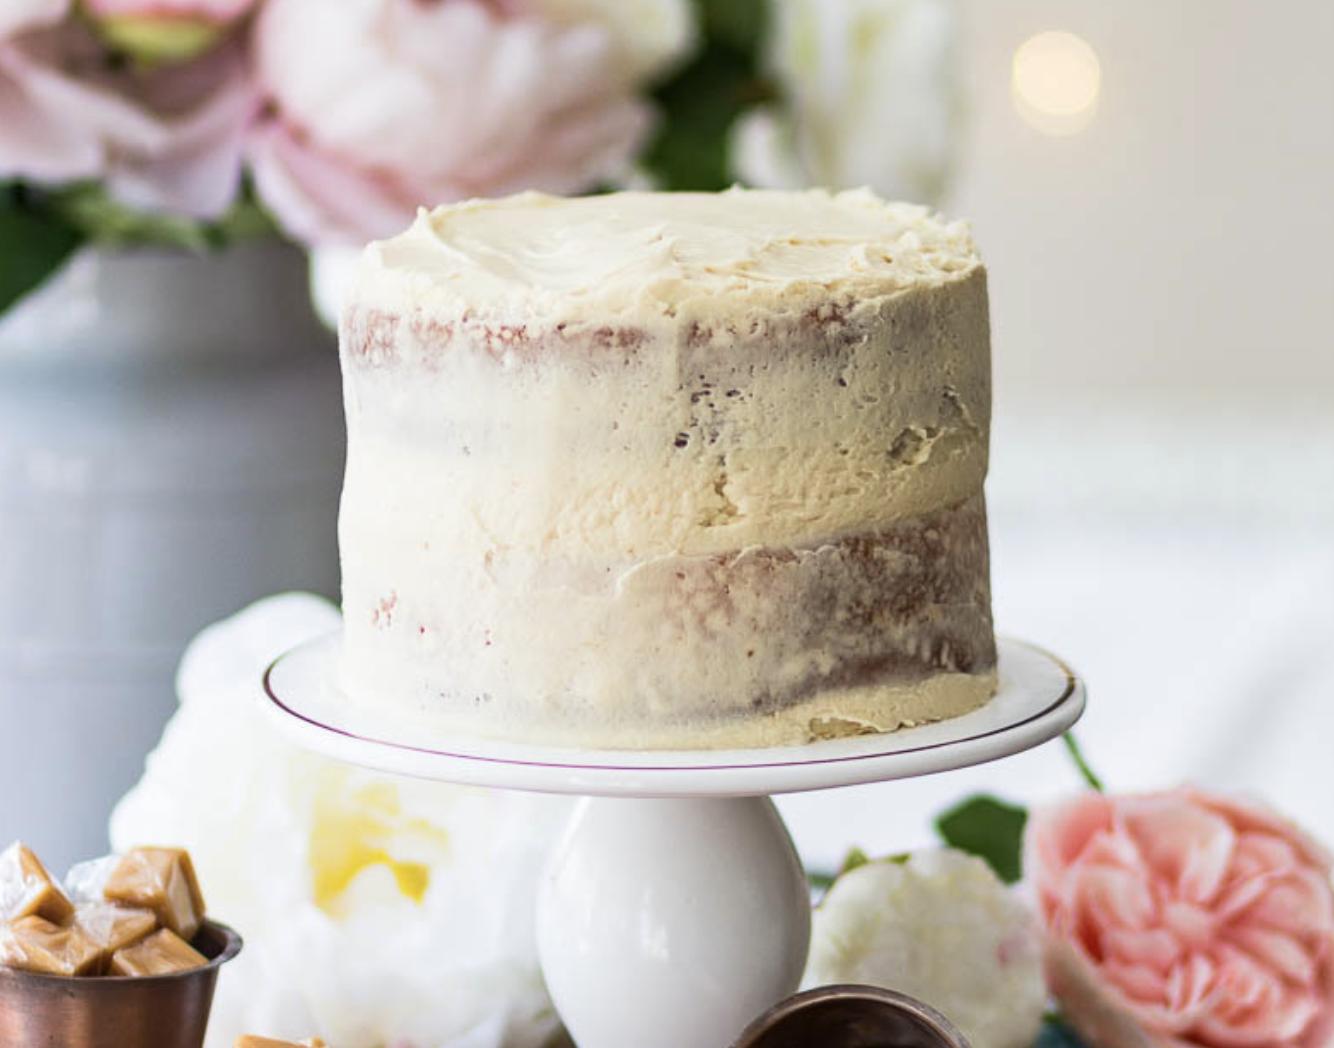 DIY wedding cake caramel icing